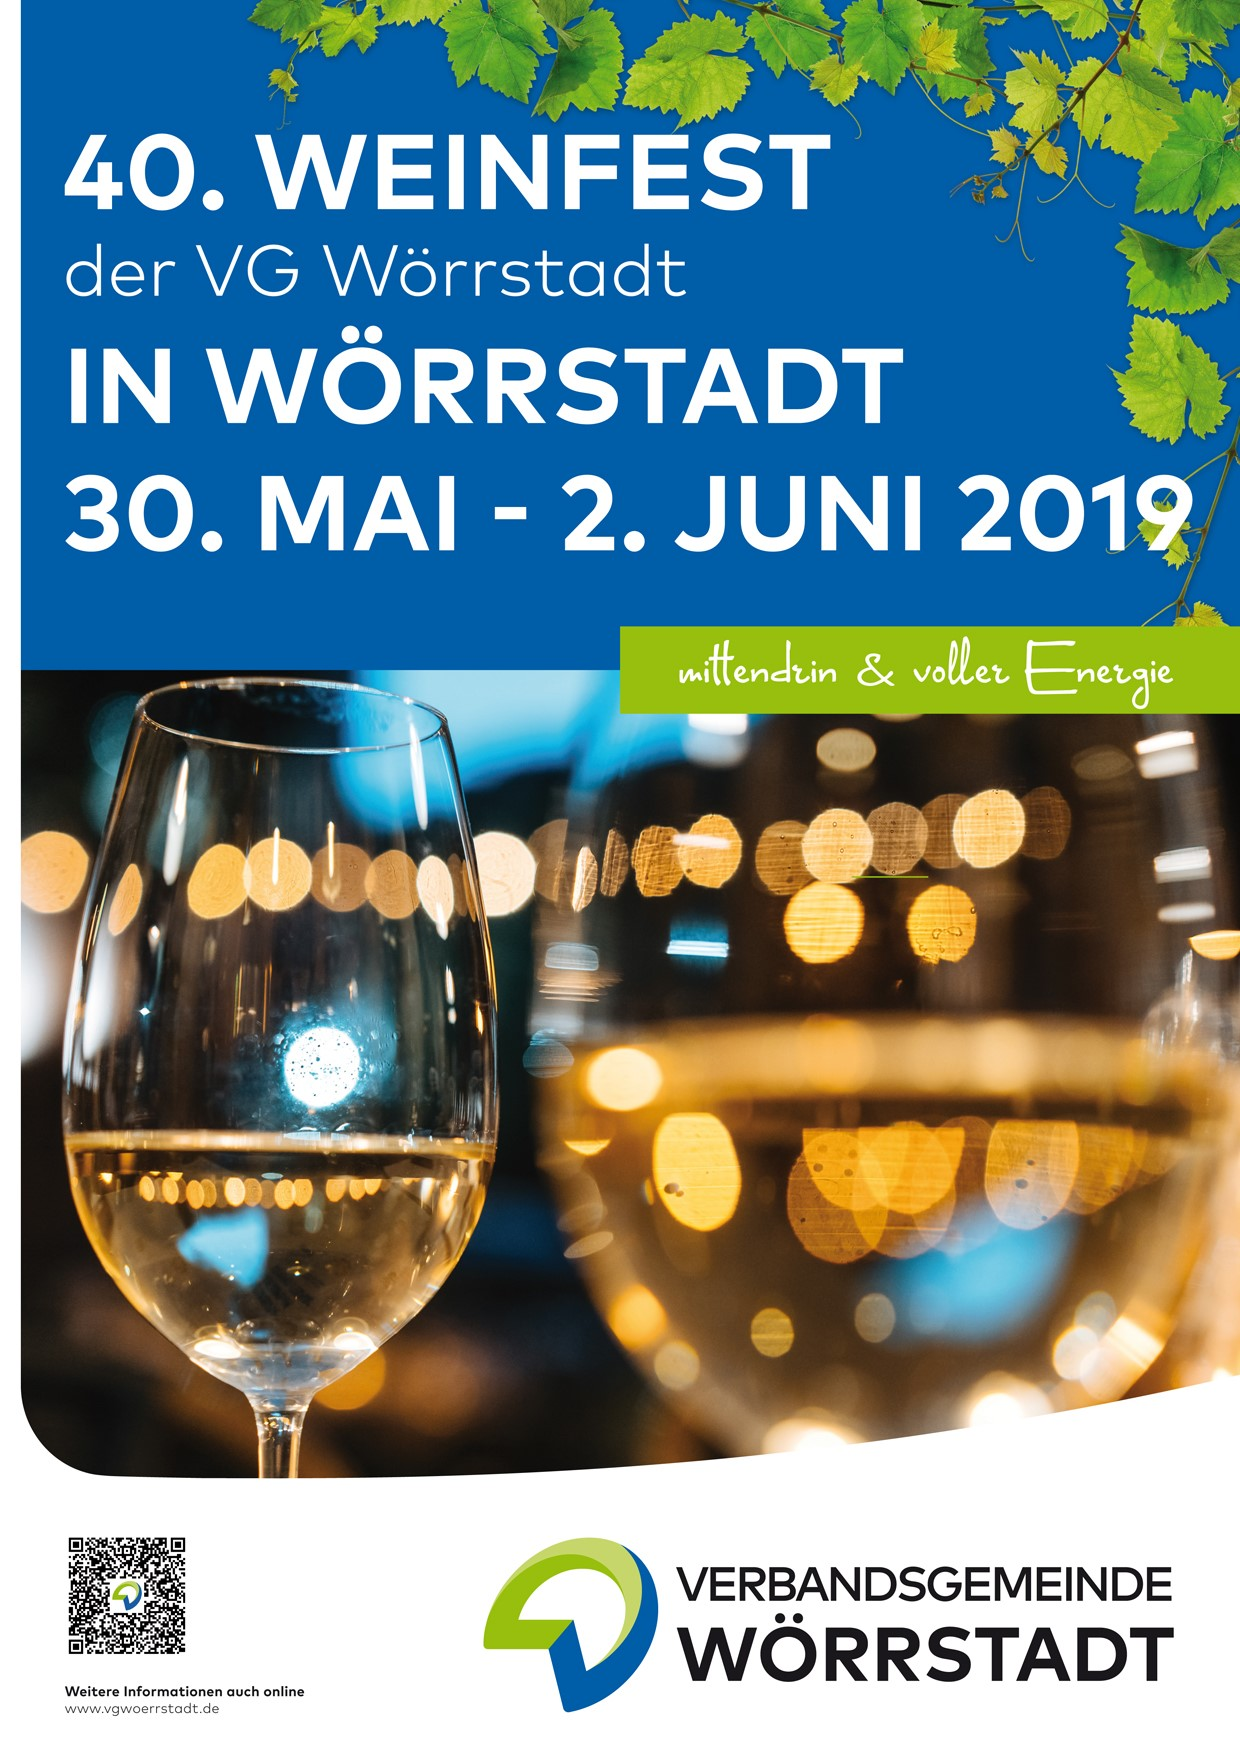 VG-Weinfest @ Wörrstadt